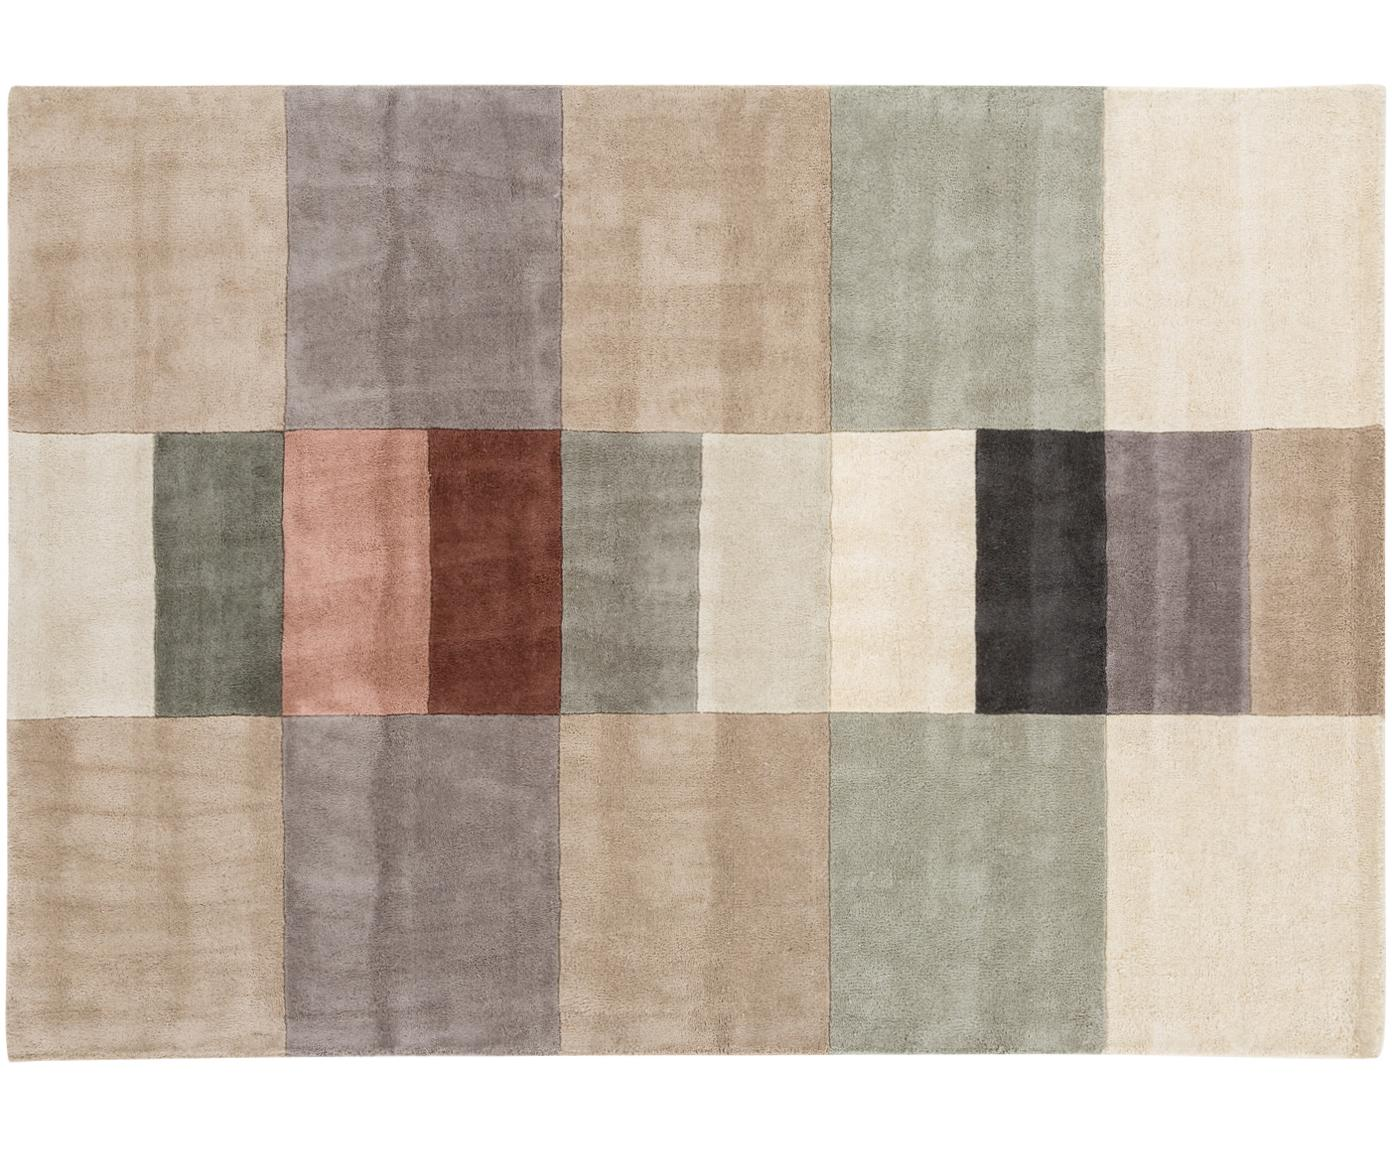 Handgetufteter Designteppich Impilati aus Wolle, Flor: 100% Wolle, Creme, Mehrfarbig, B 170 x L 240 cm (Größe M)